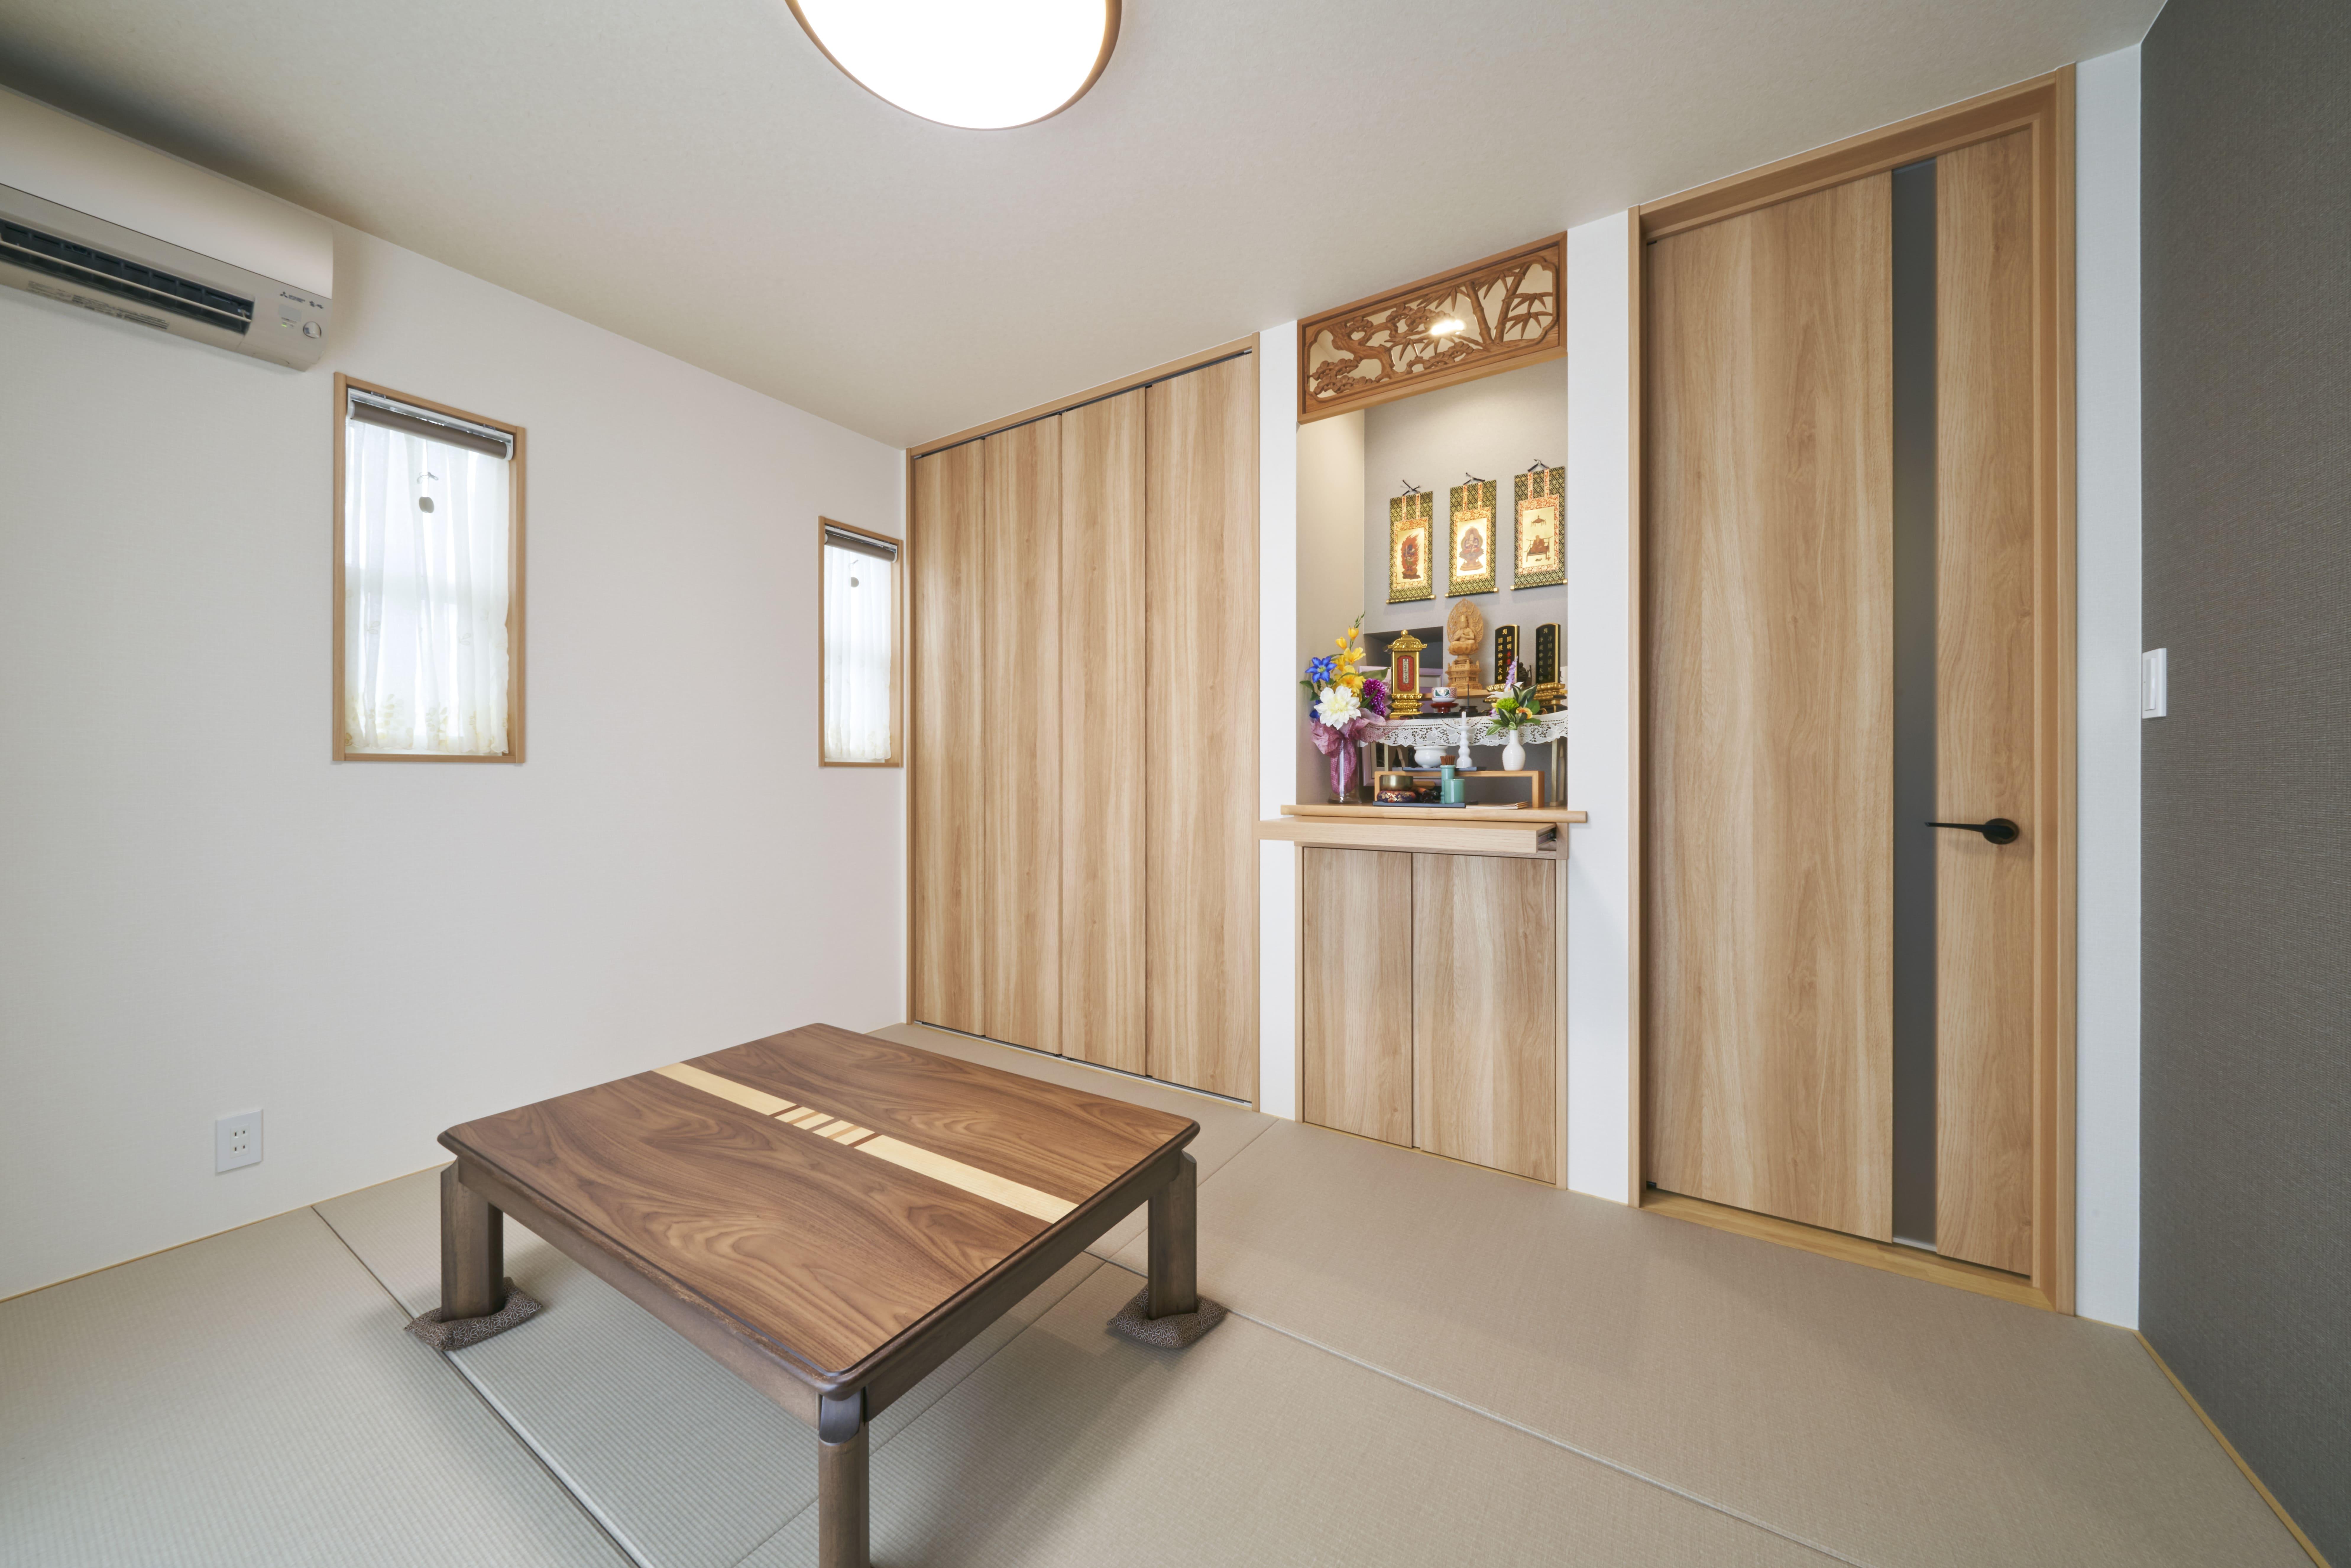 和室の仏間には、オーダーメイドの仏壇を設置。以前のお住まいの欄間も綺麗にはめ込まれている。